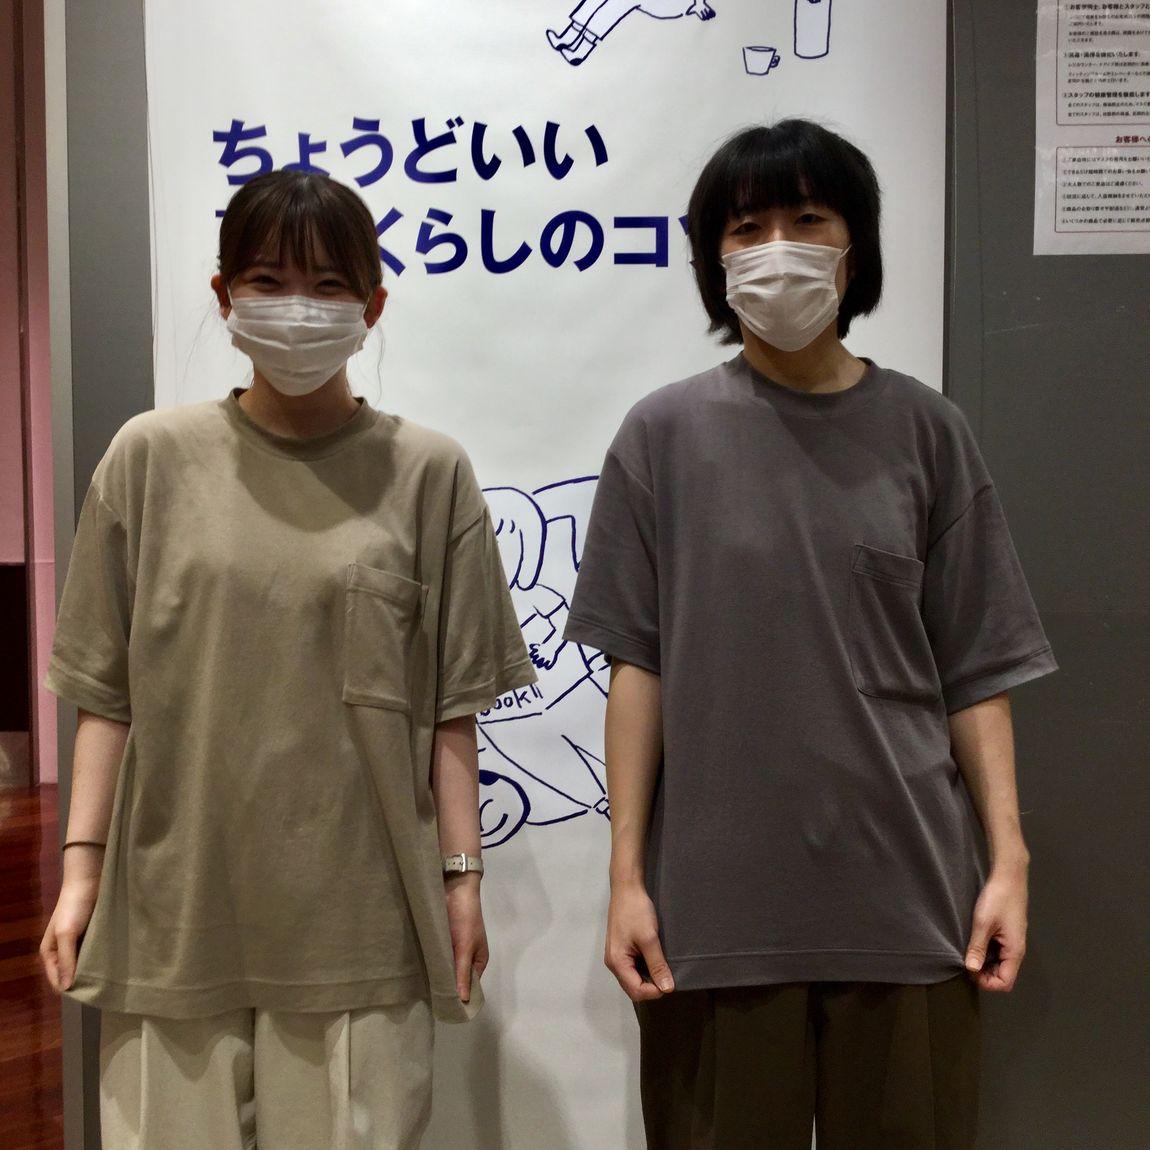 【さんすて岡山】女性も、男性も。 男女兼用インド綿二重編みビッグTシャツ